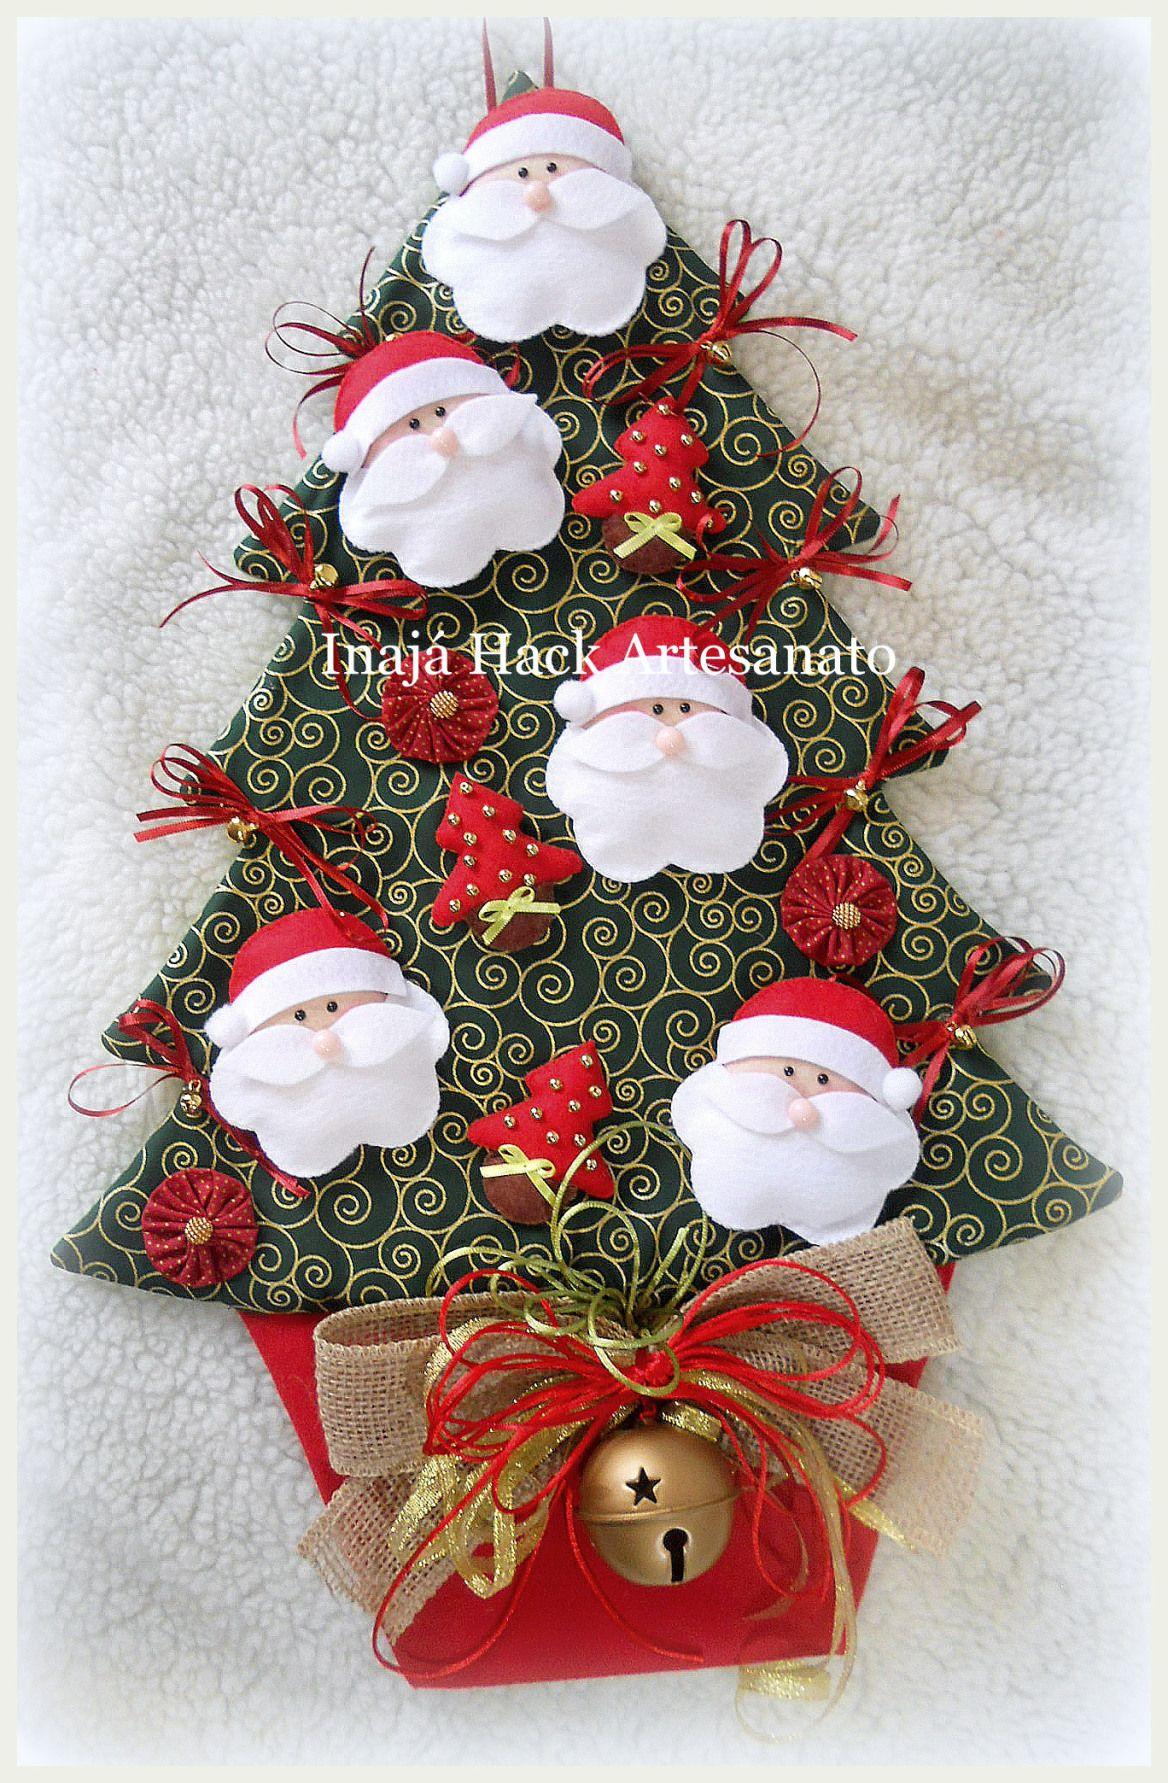 Dscn5860 navidad moderna navidad moderna decoracion - Decoracion navidad moderna ...